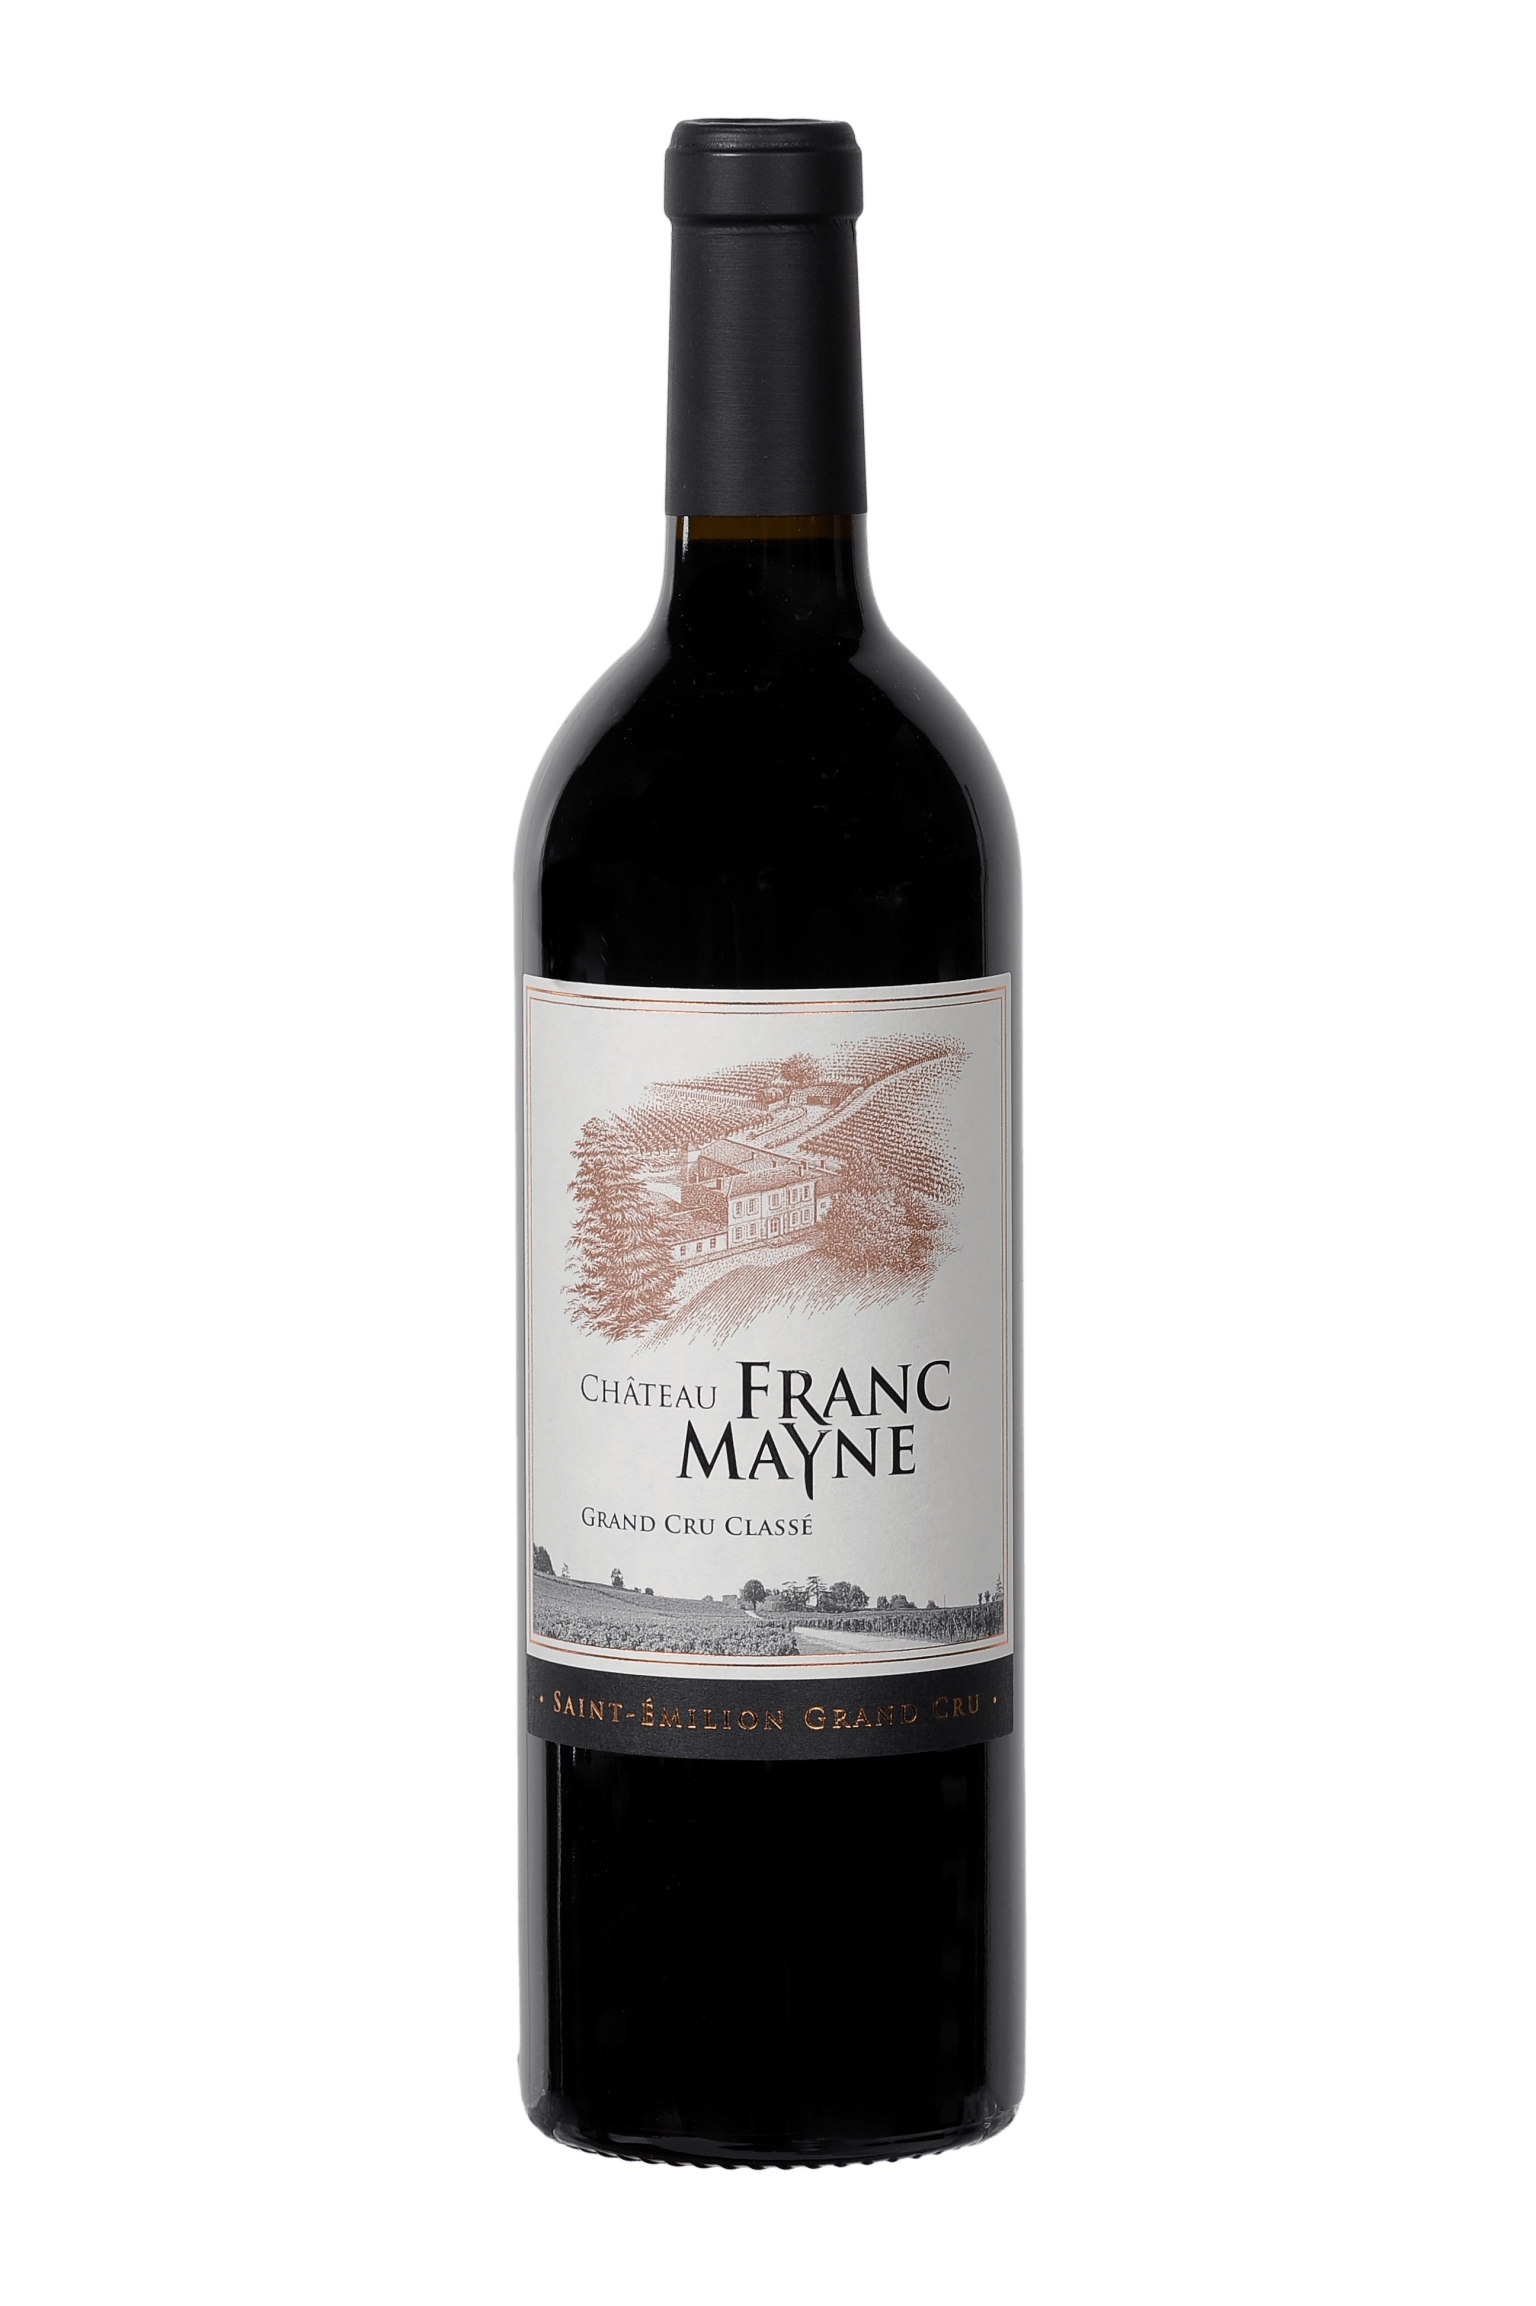 Château Franc Mayne 2000 - Grand cru classé Saint-Emilion - Château Franc Mayne